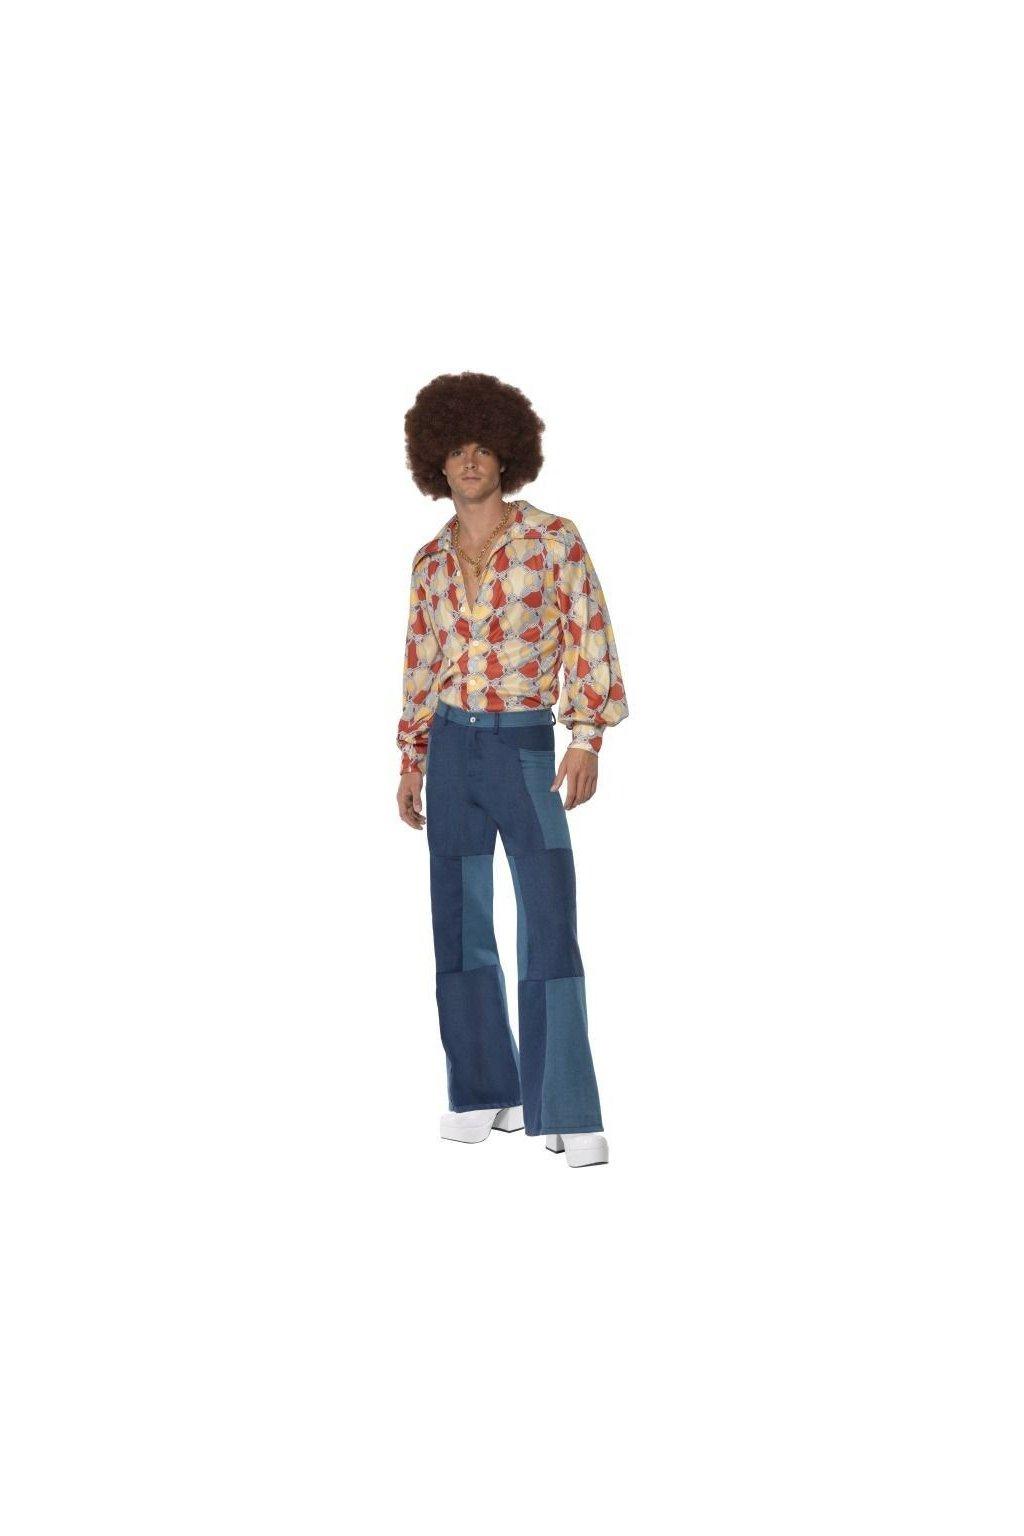 Kalhoty - 1970s style